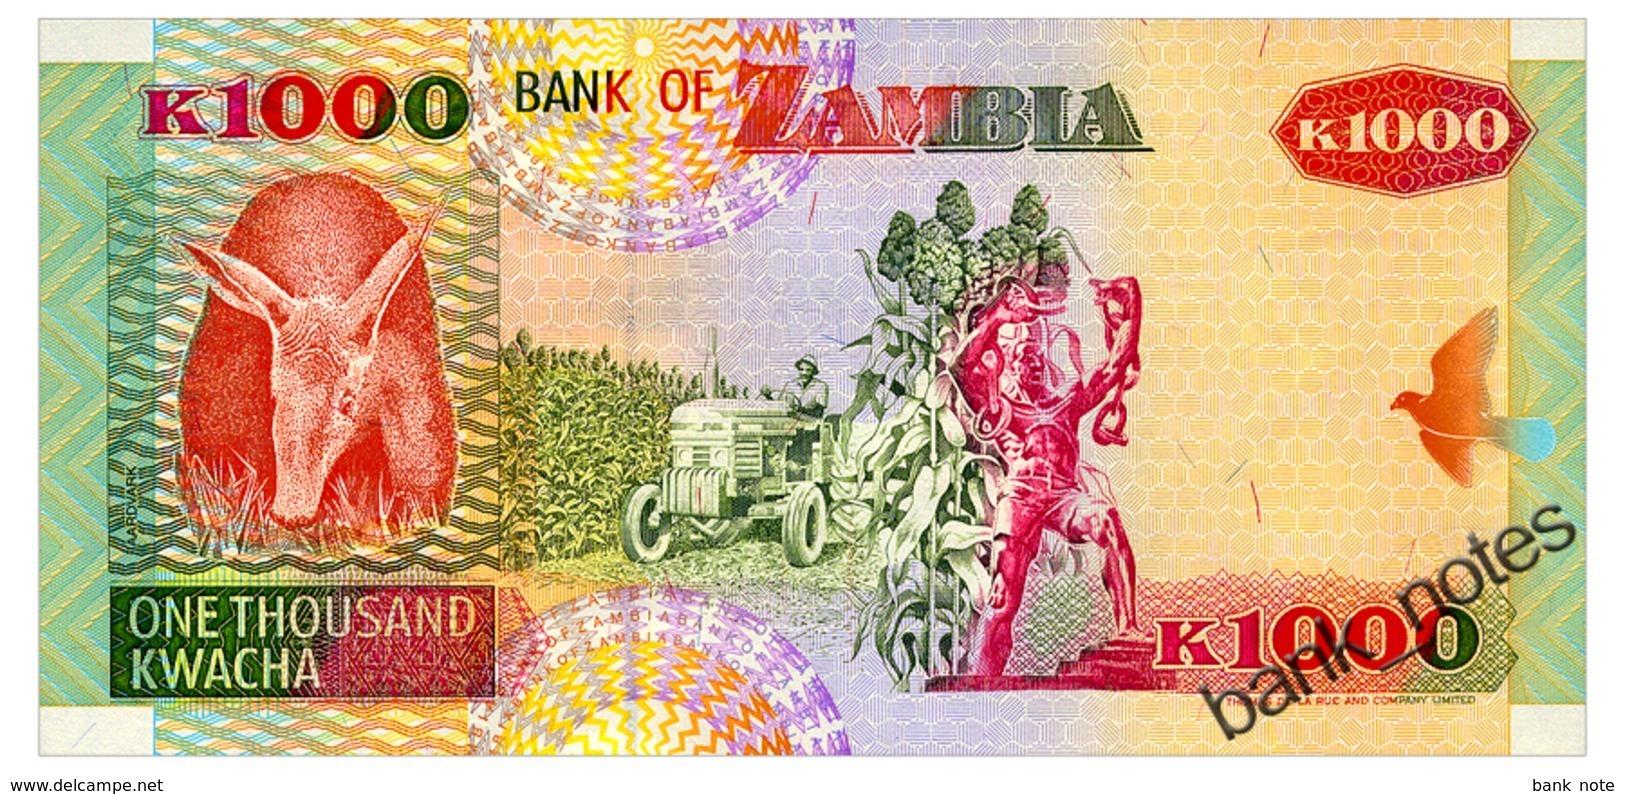 ZAMBIA 1000 KWACHA 1992 Pick 40a Unc - Zambia